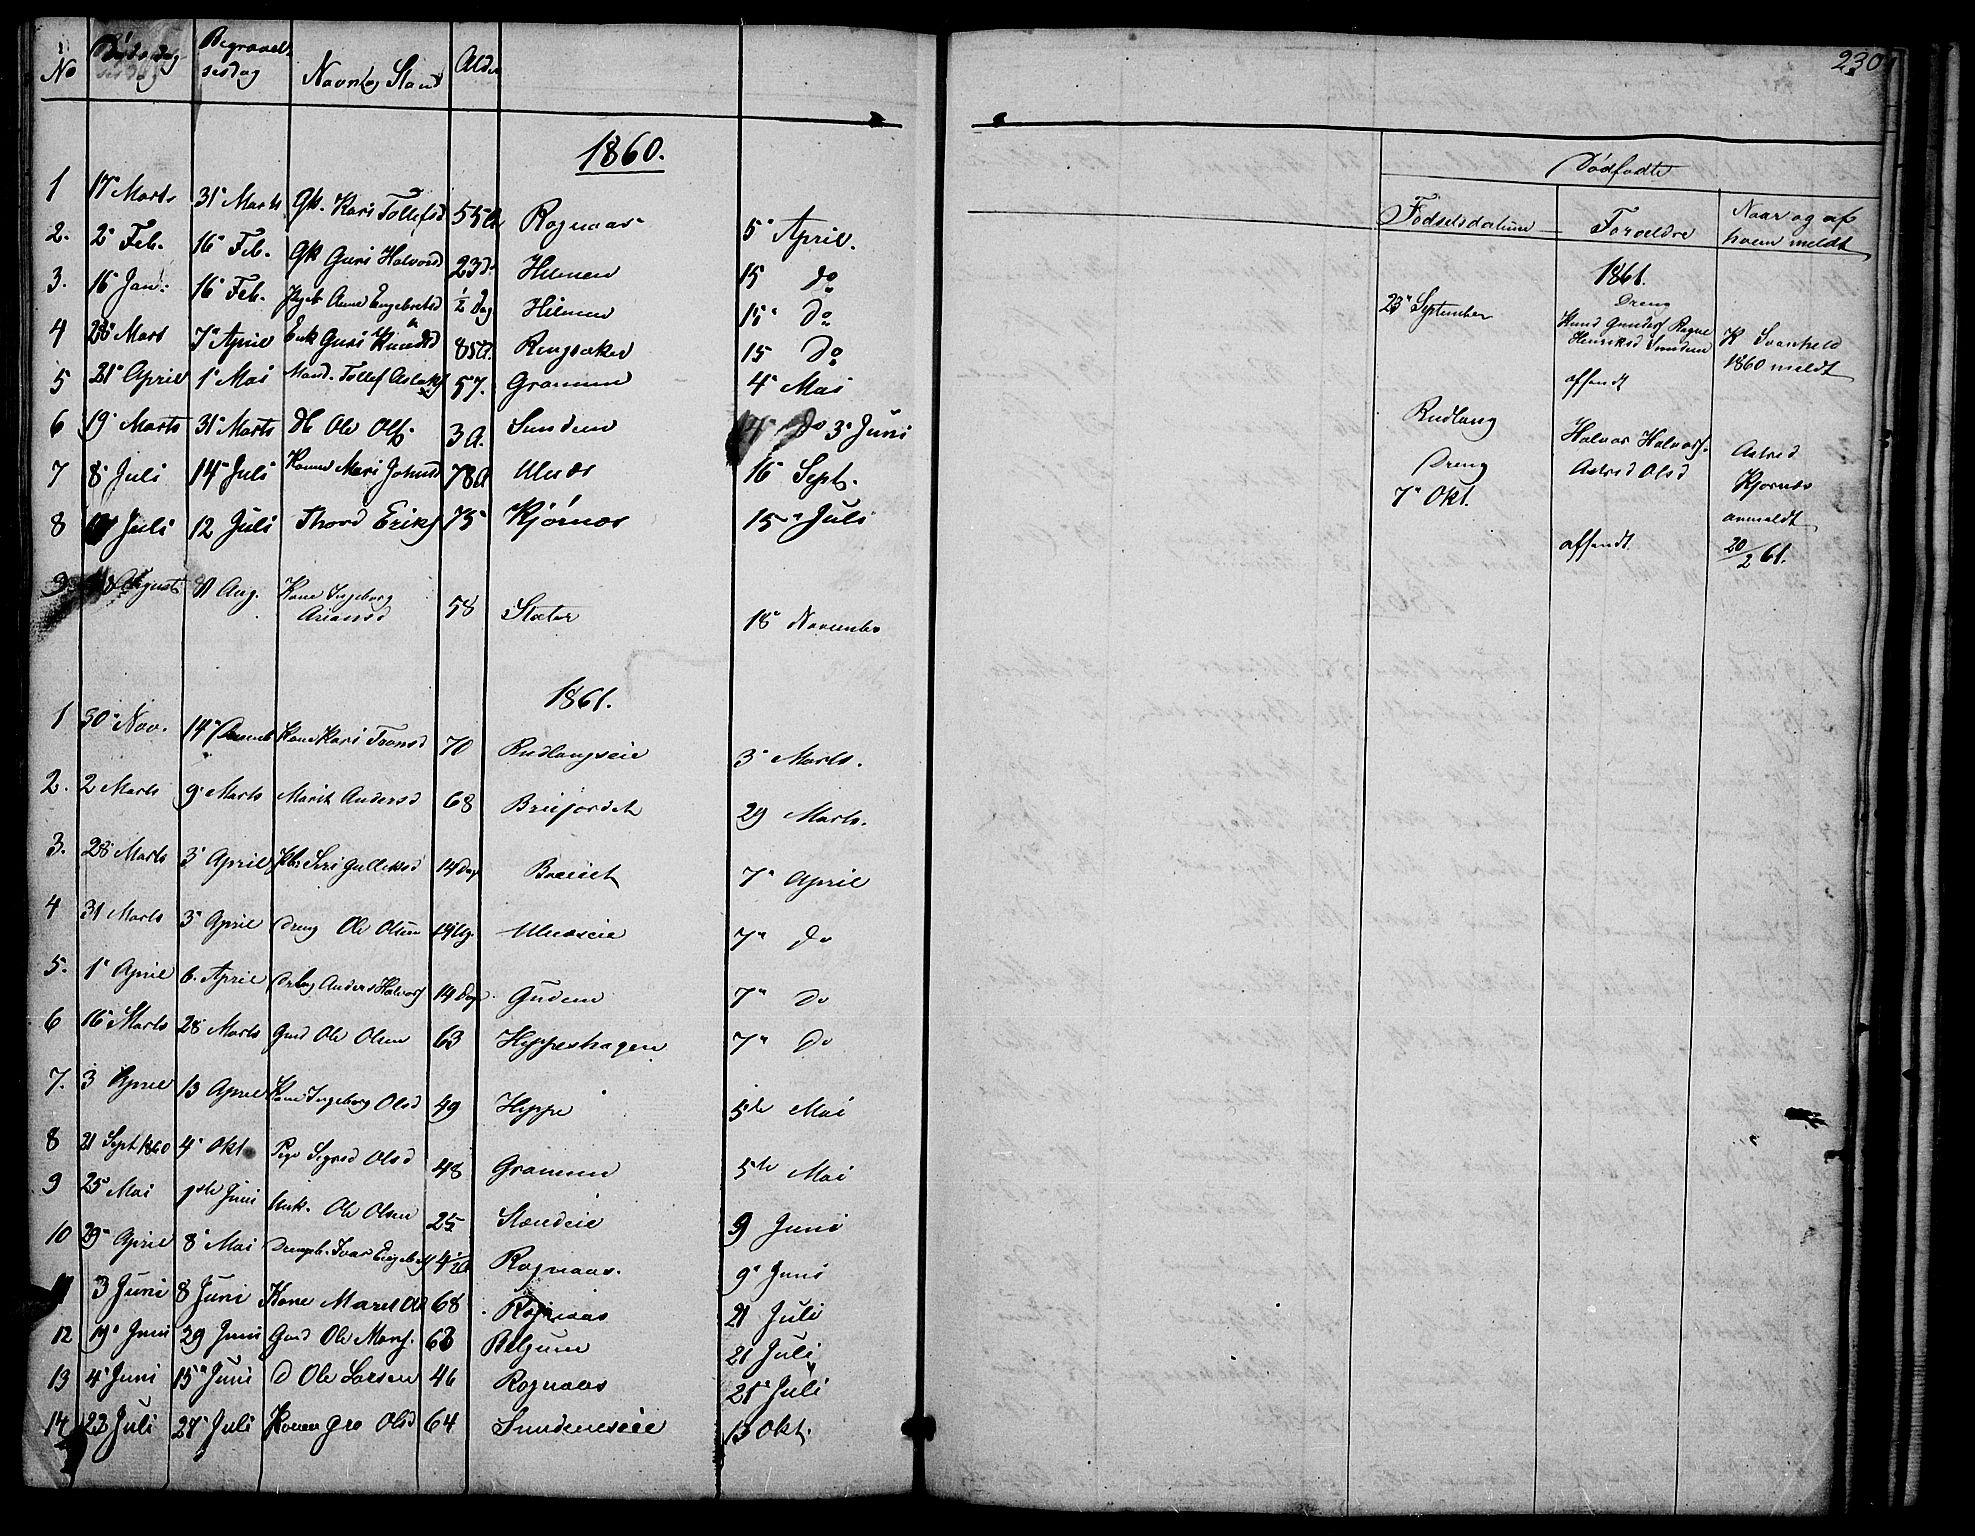 SAH, Nord-Aurdal prestekontor, Klokkerbok nr. 4, 1842-1882, s. 230